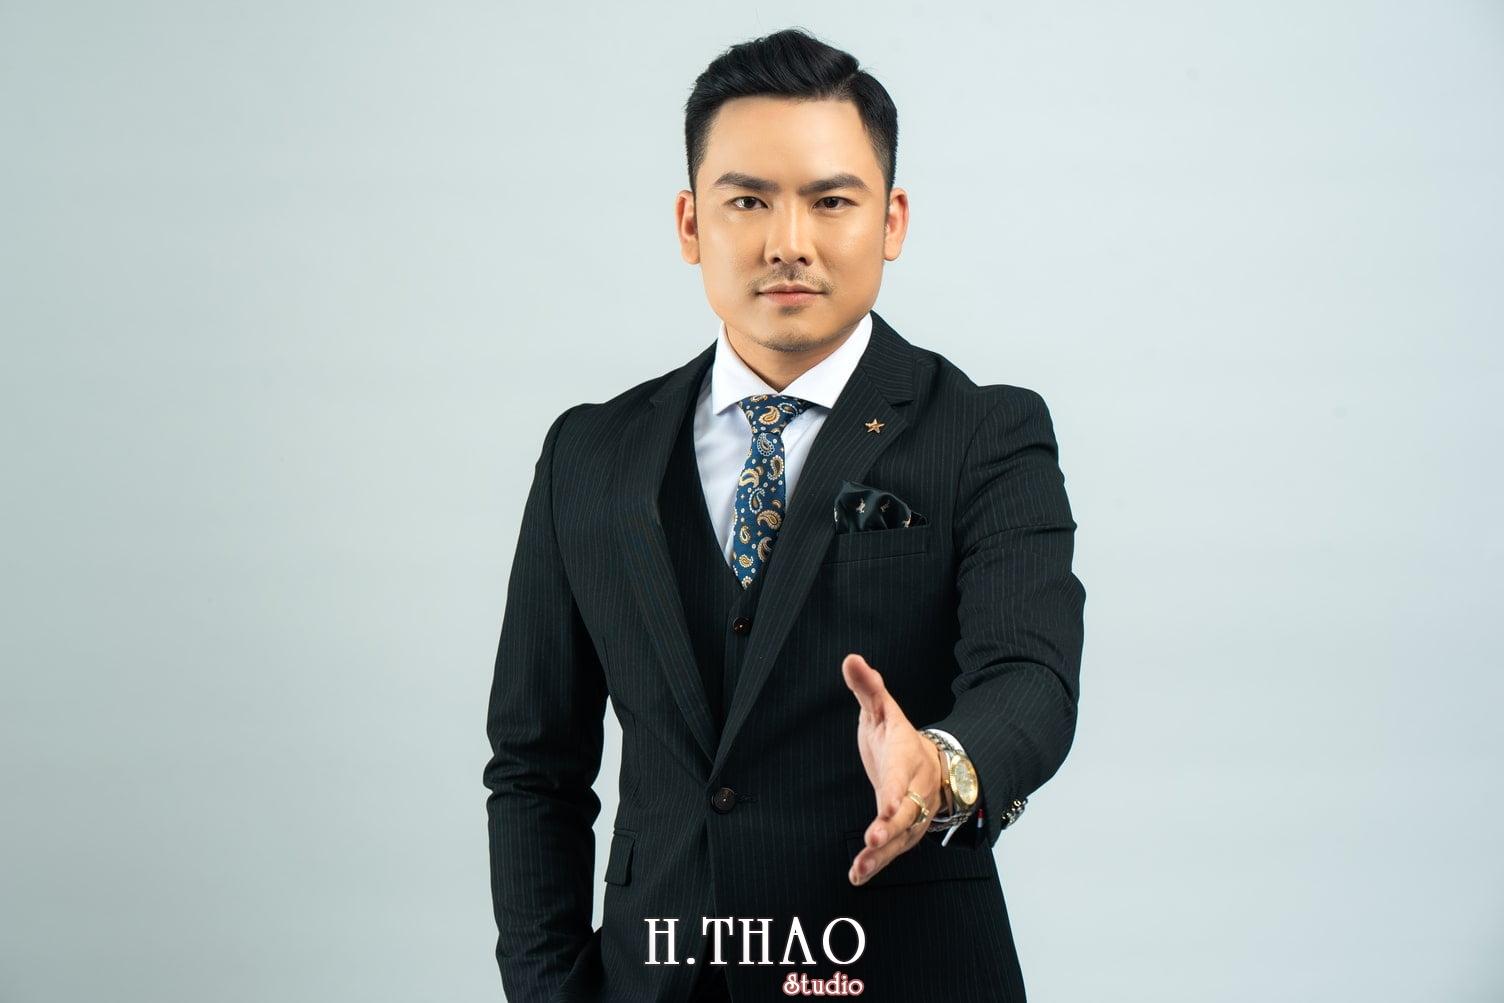 Anh Doanh nhan 31 1 - Ảnh doanh nhân, CEO & Founder PFT Academy Mr.Tuan Anh – HThao Studio